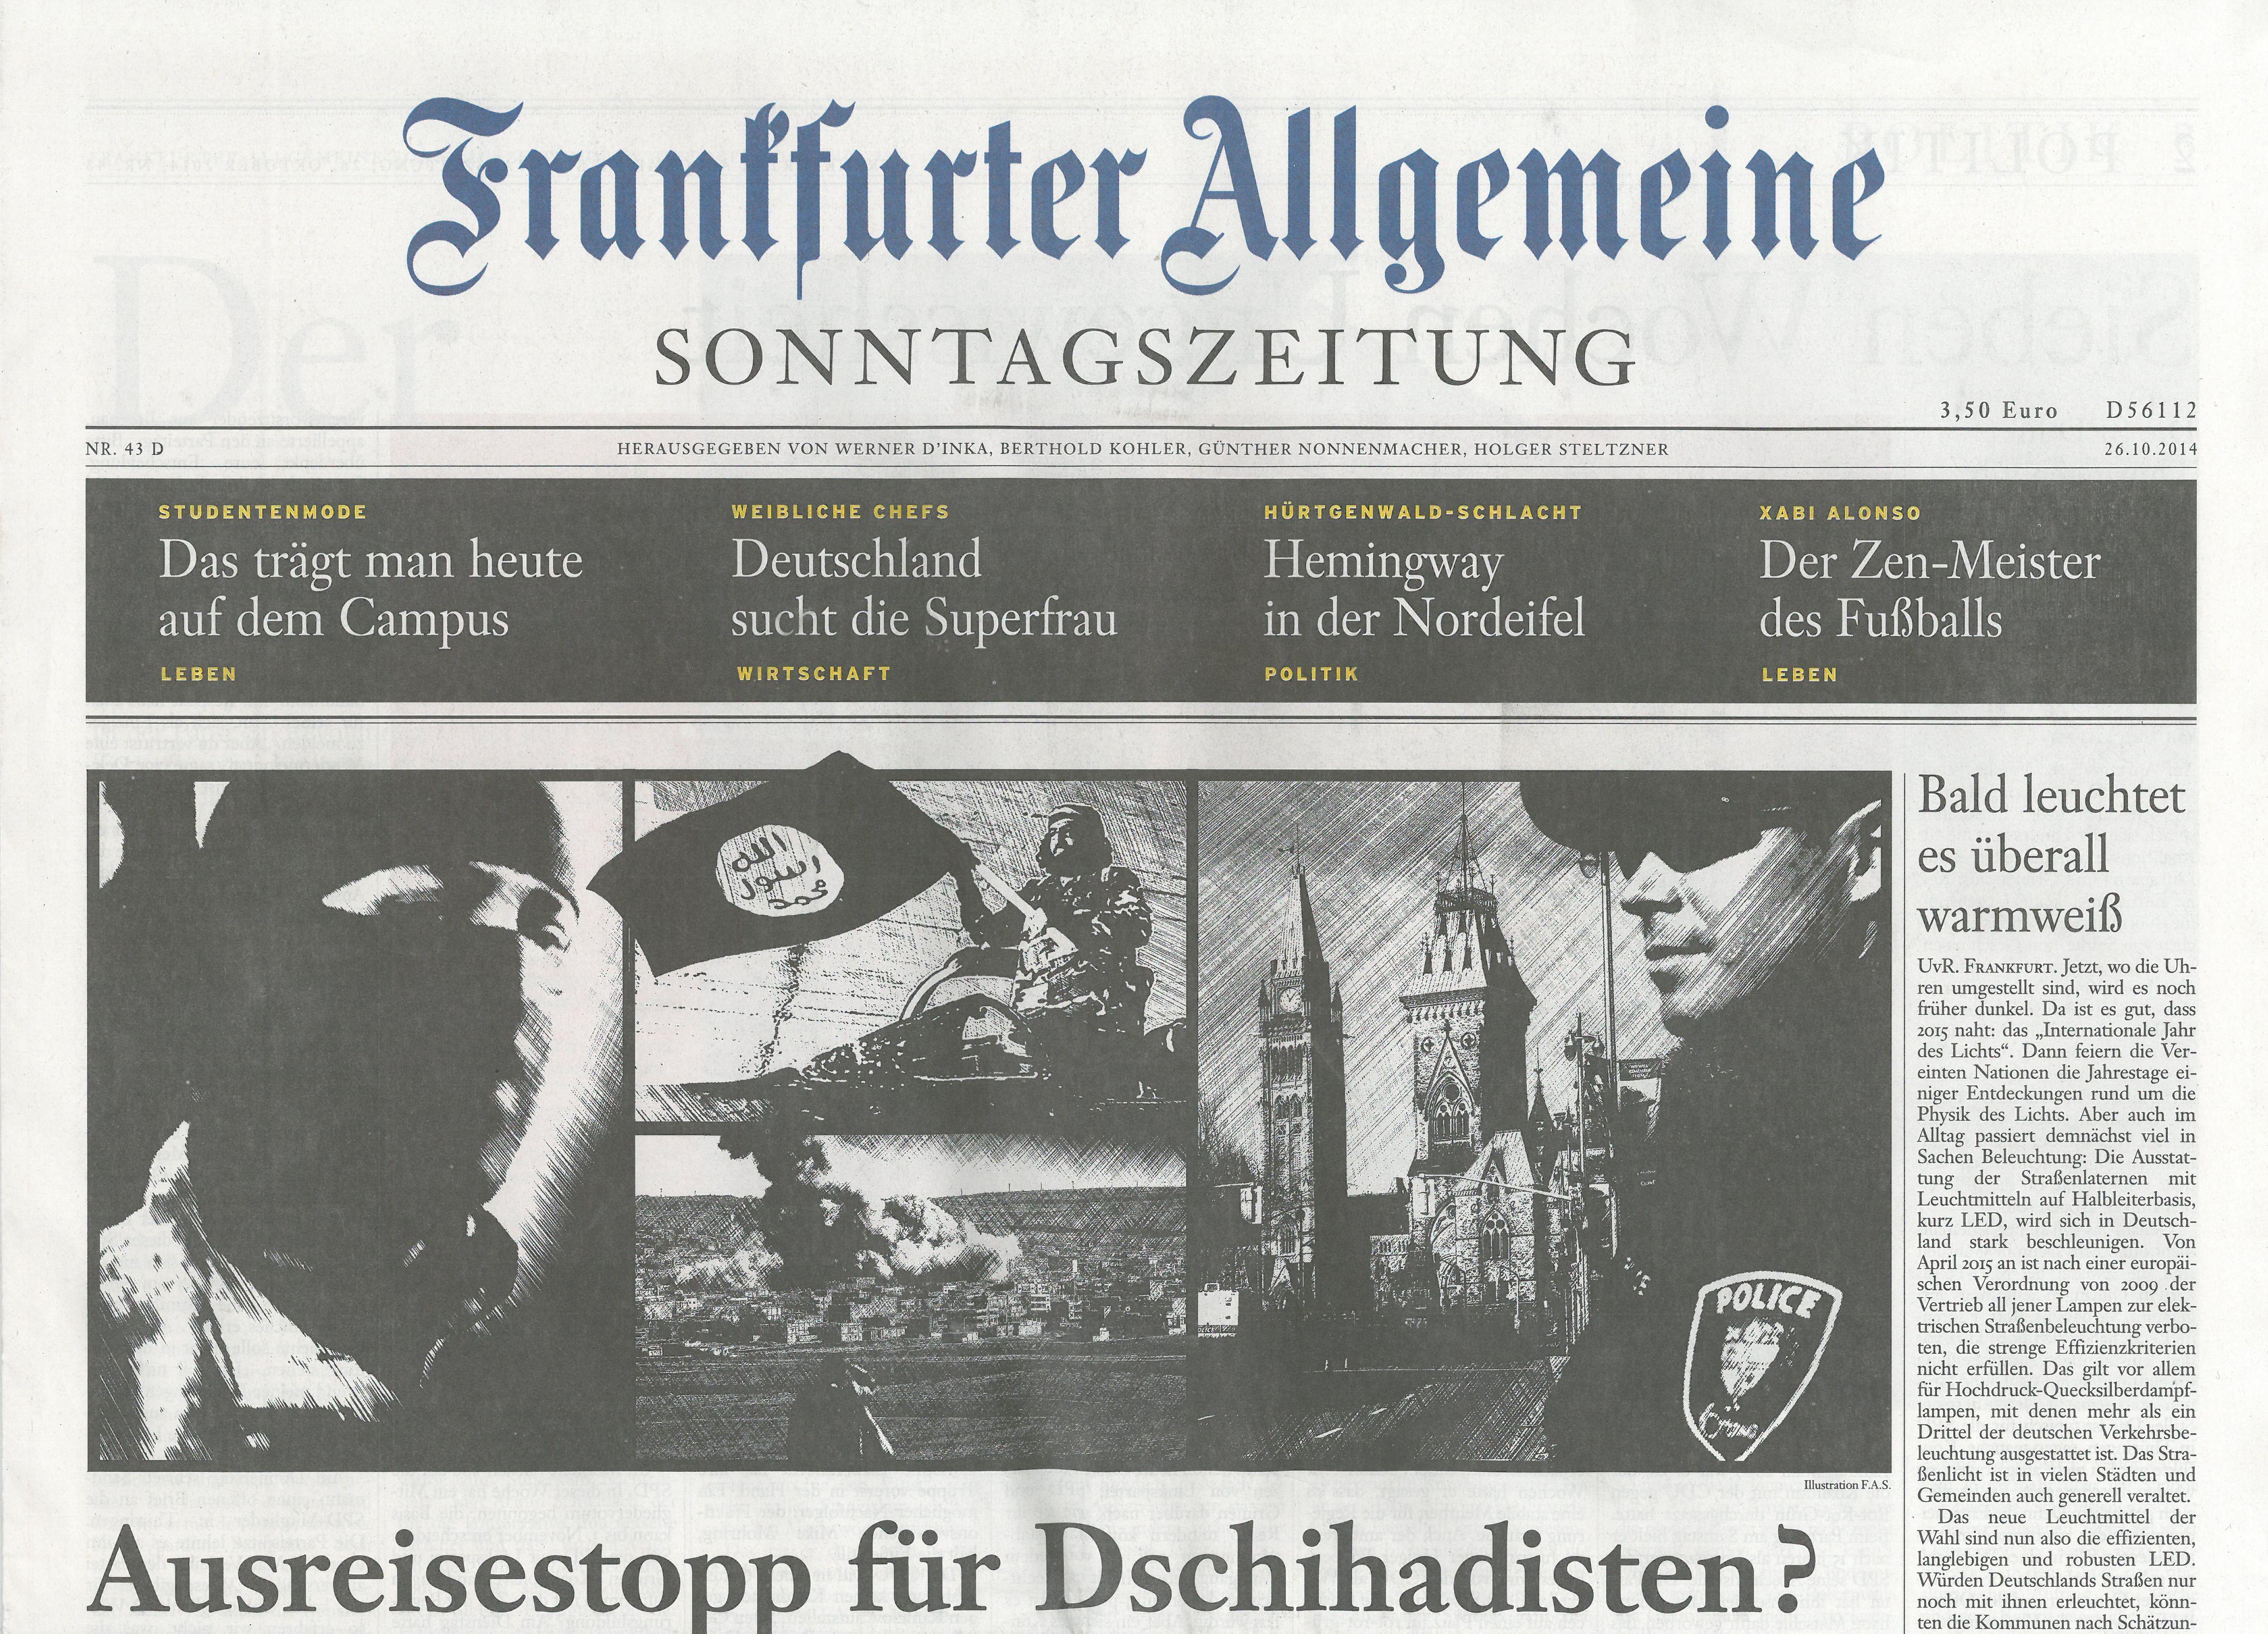 frankfurter allgemeine germania 26 ottobre 2014 carmina. Black Bedroom Furniture Sets. Home Design Ideas